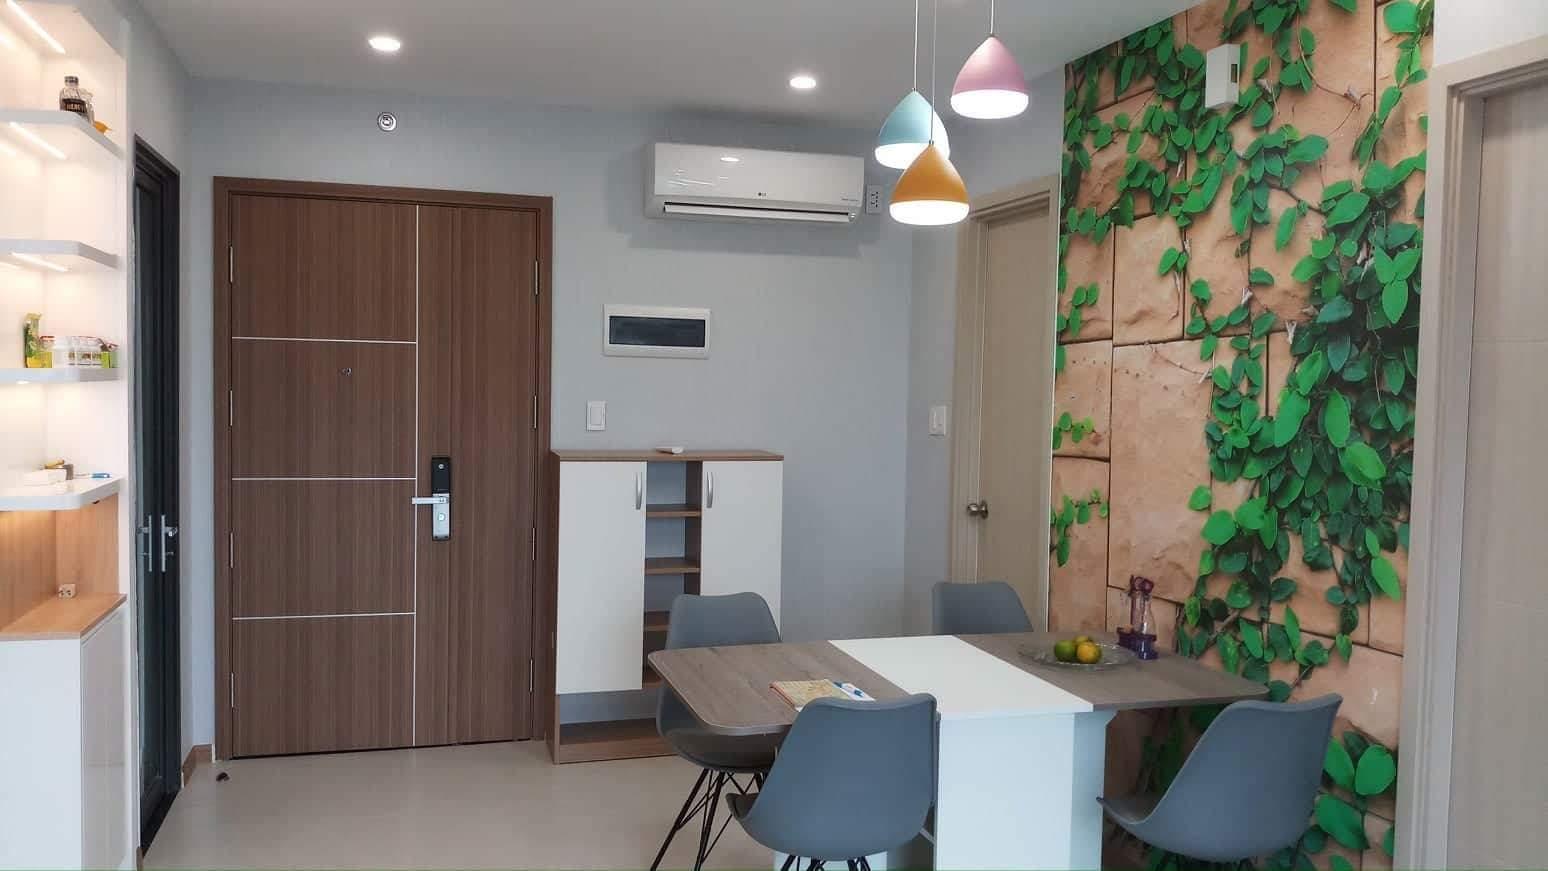 Chuyển Nhượng 2 phòng ngủ New City Thủ Thiêm - ID 010092